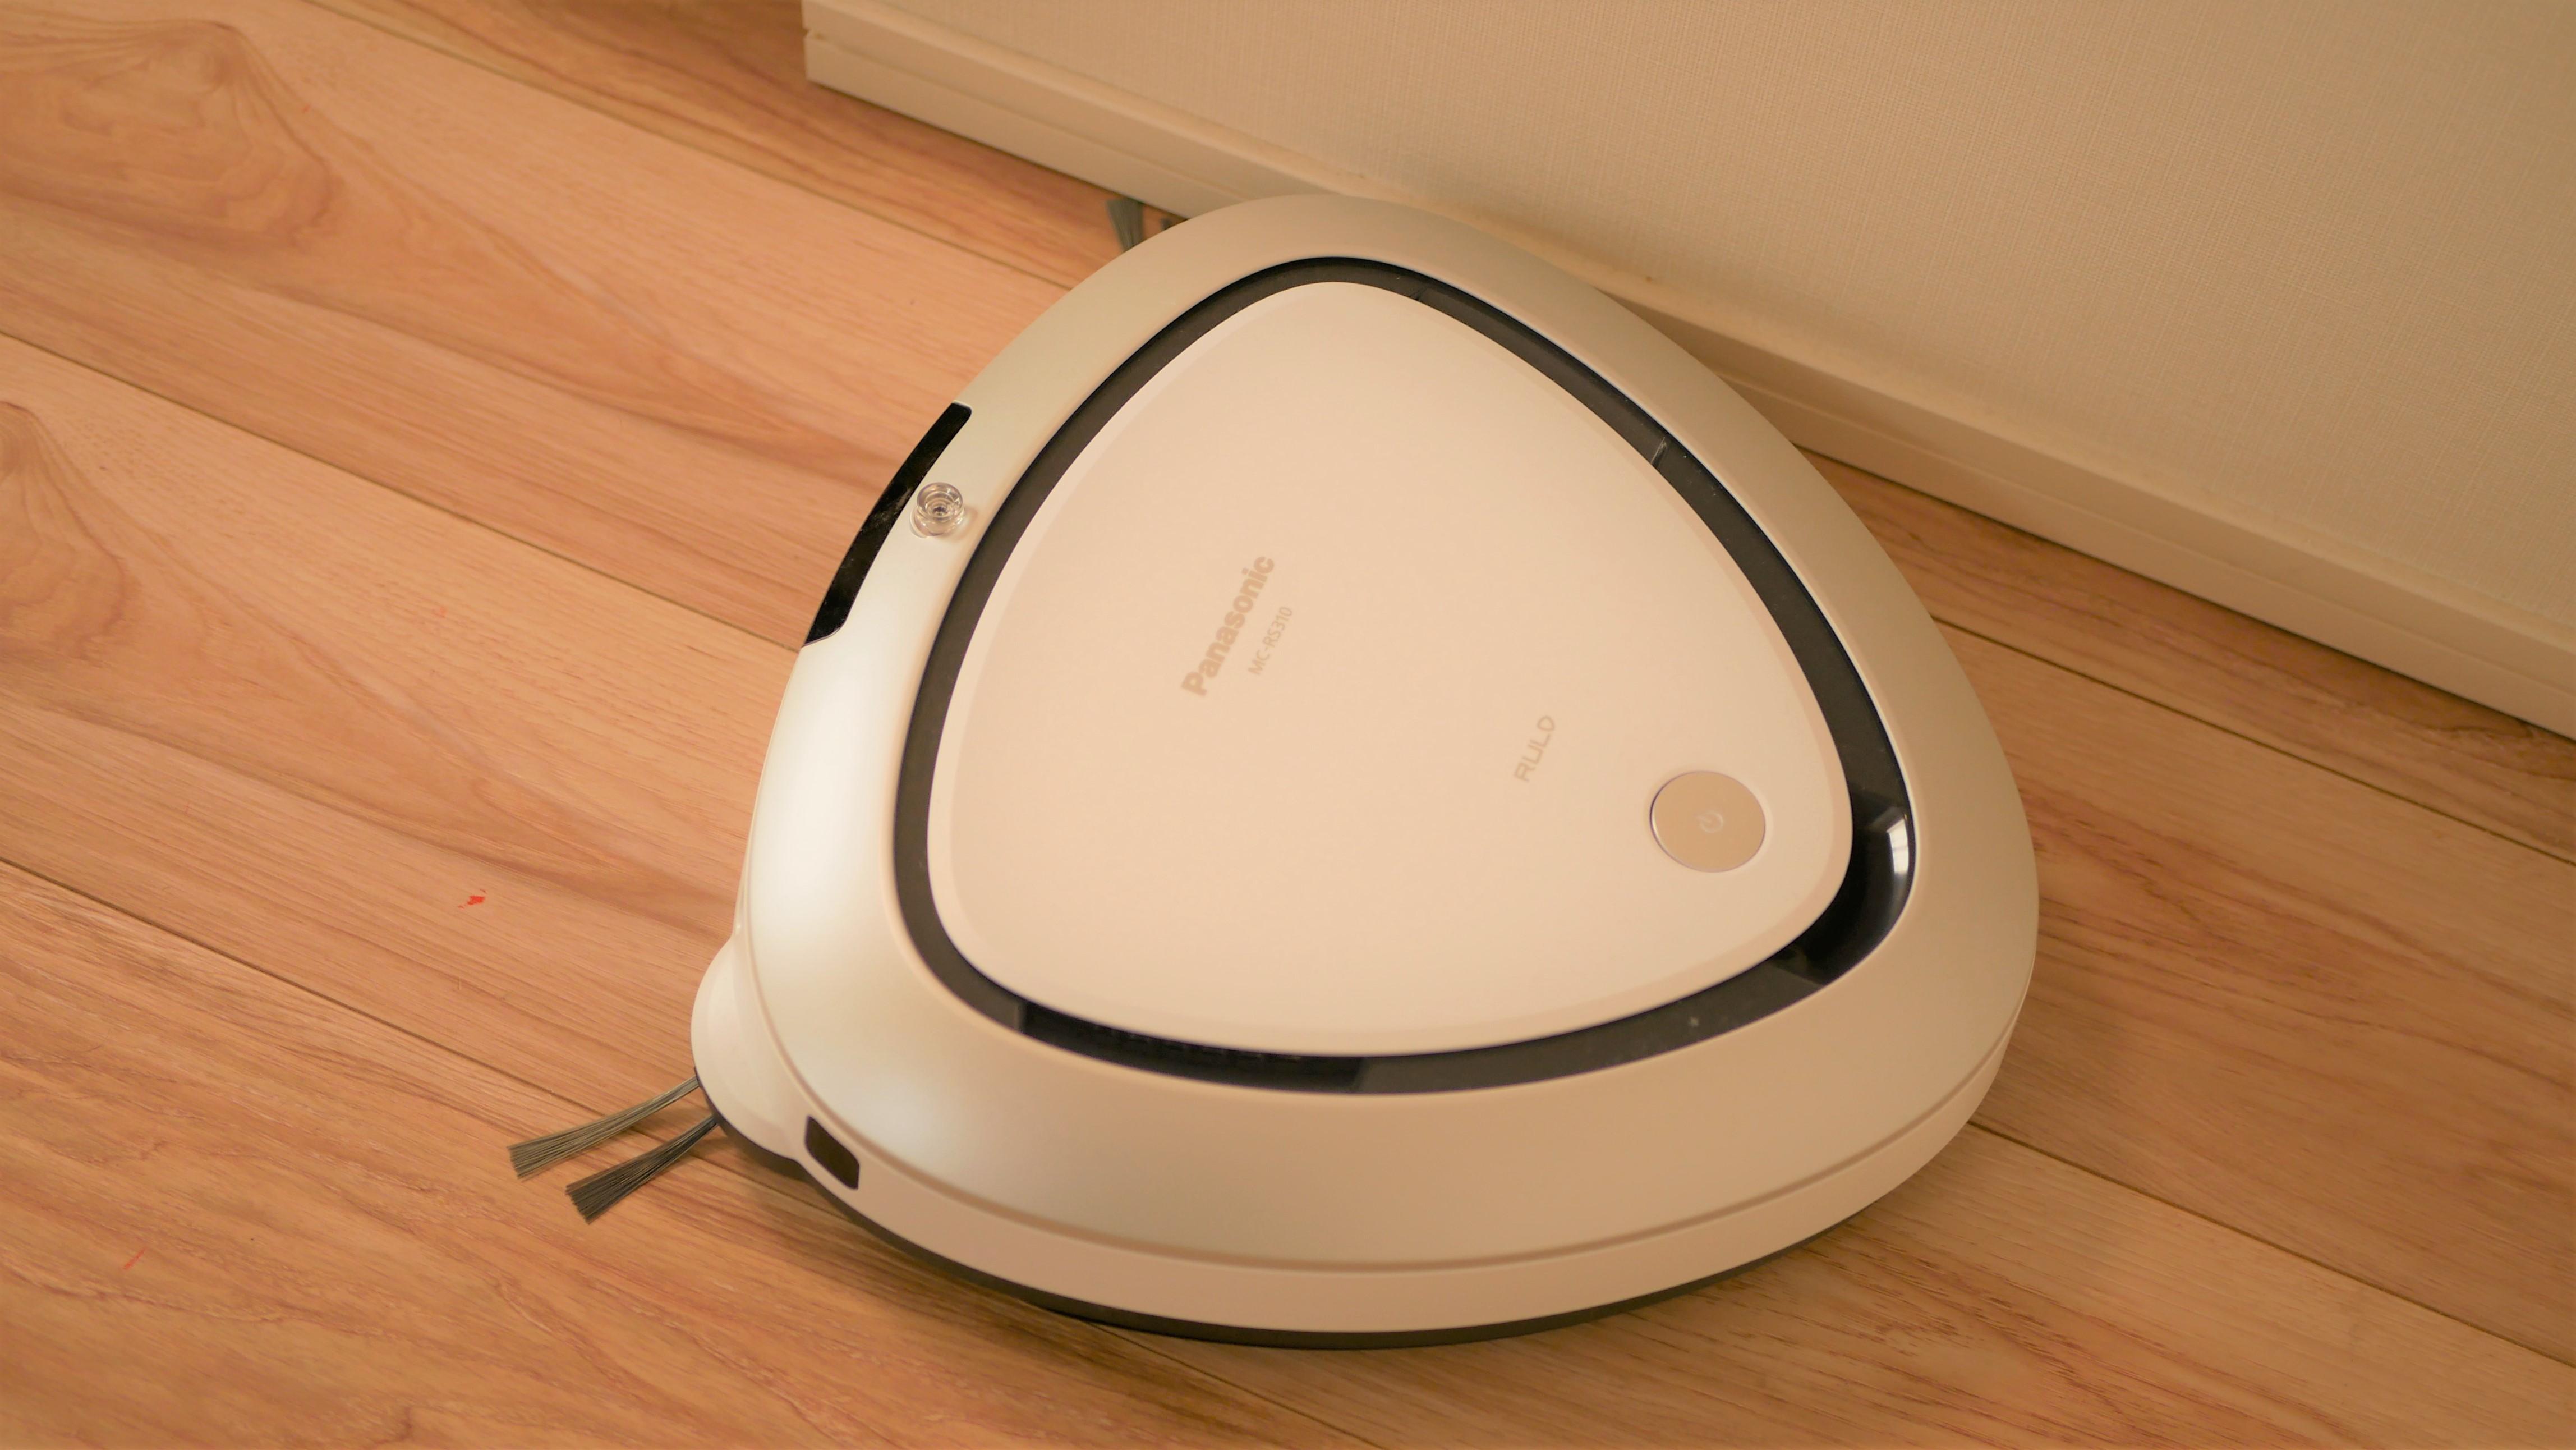 ルーロ310は価格もリーズナブルで総合的におすすめなロボット掃除機です